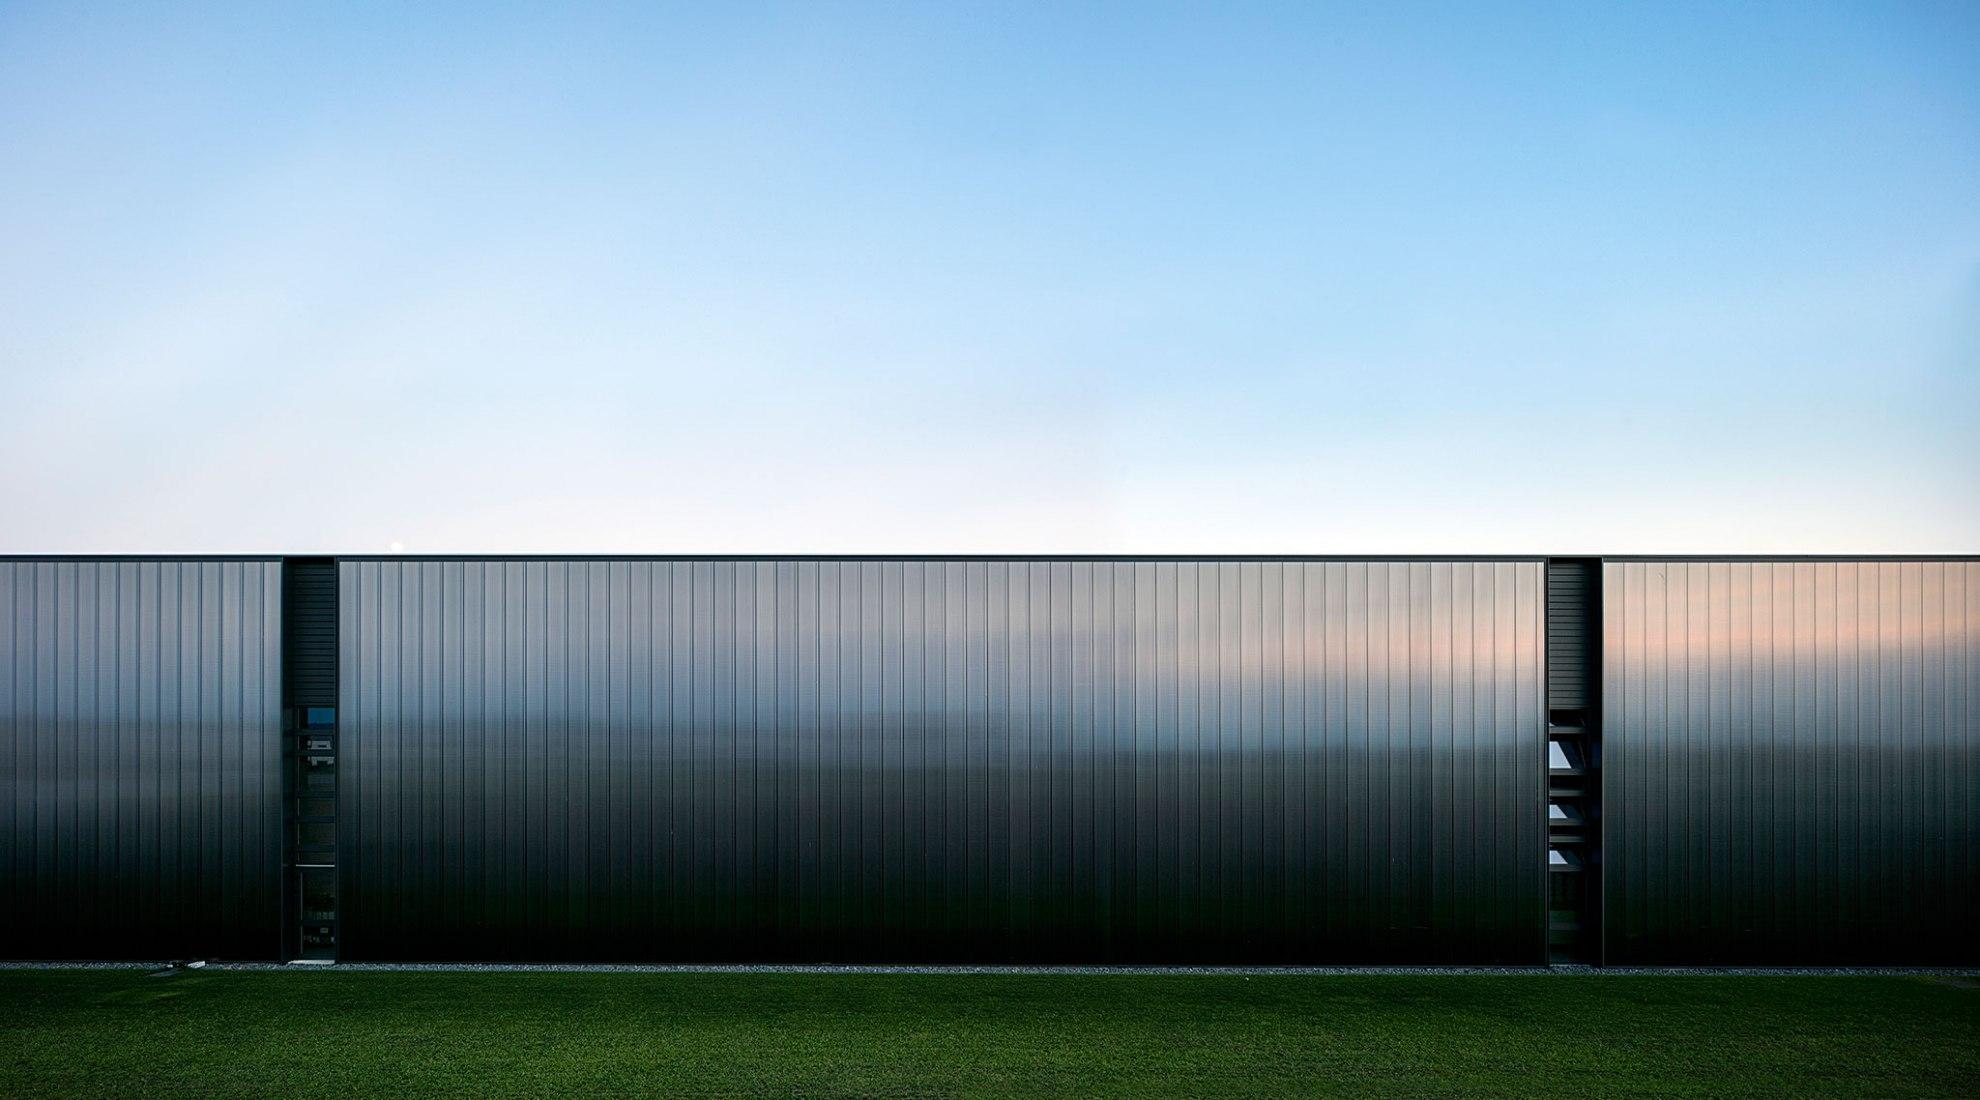 PRATIC 2.0, Ampliación del complejo industrial por Geza. Fotografía de Javier Callejas.